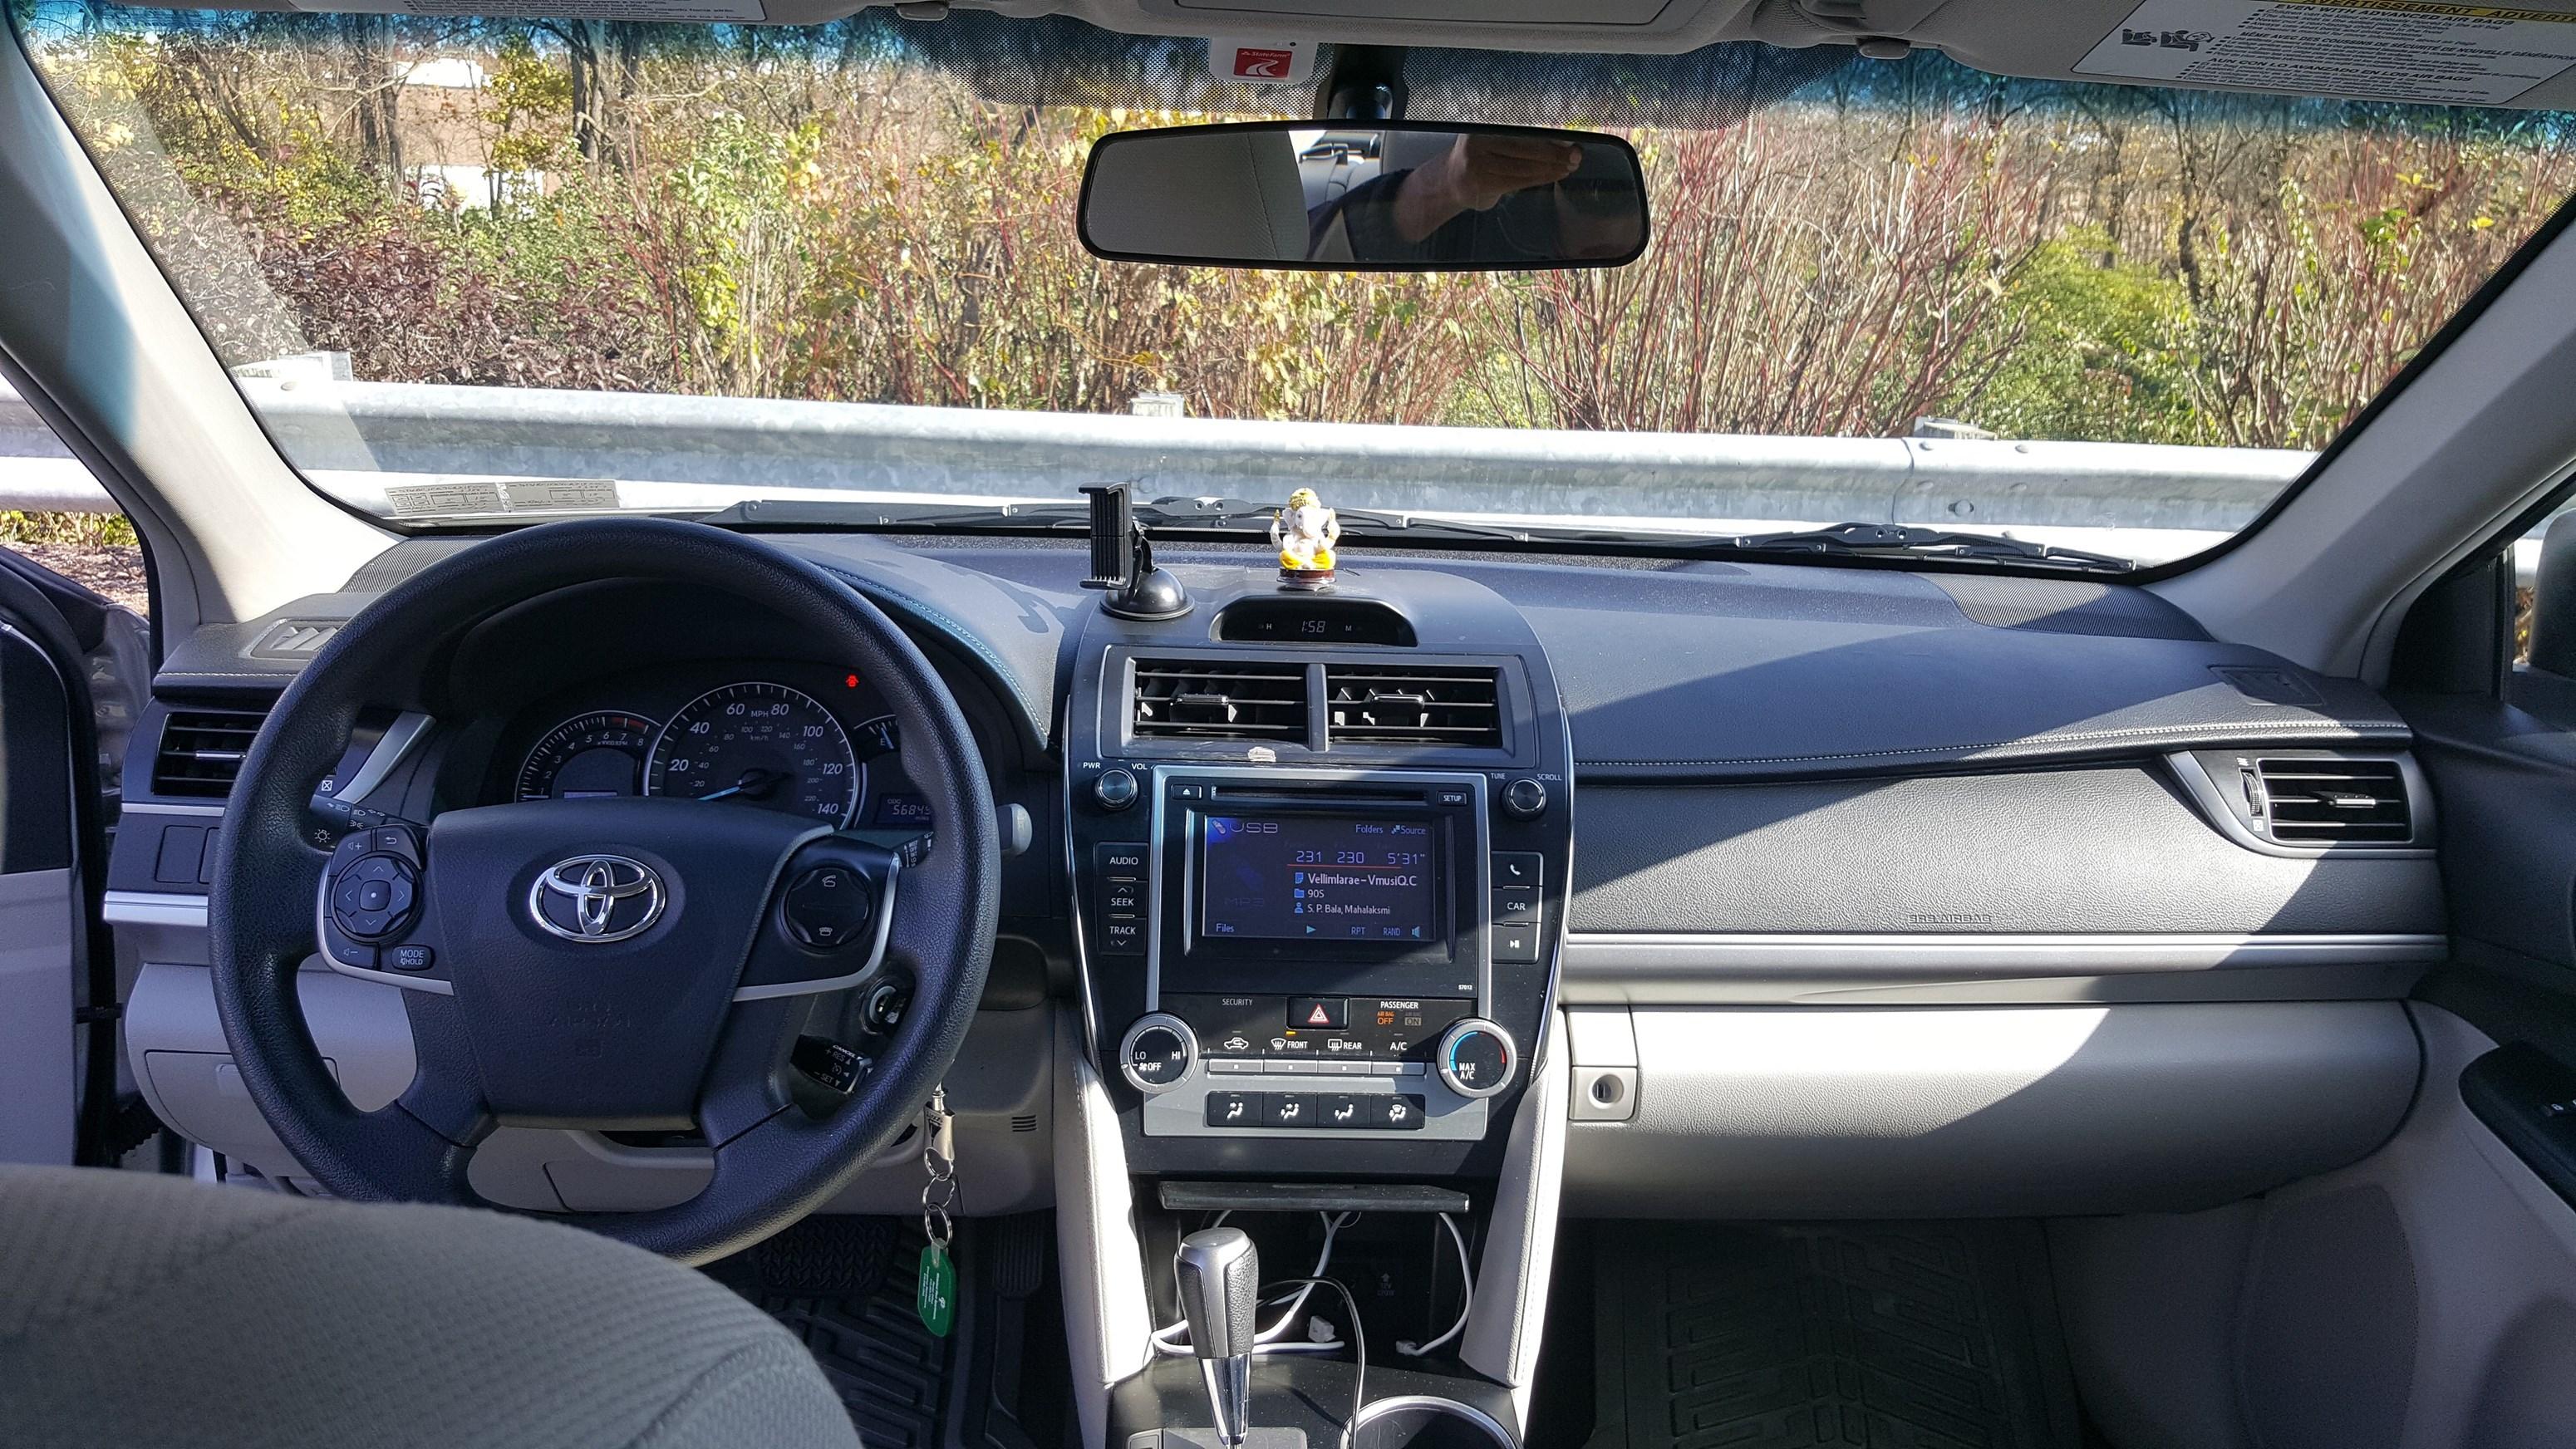 2012 toyota camry le 4 door 57k miles 11000